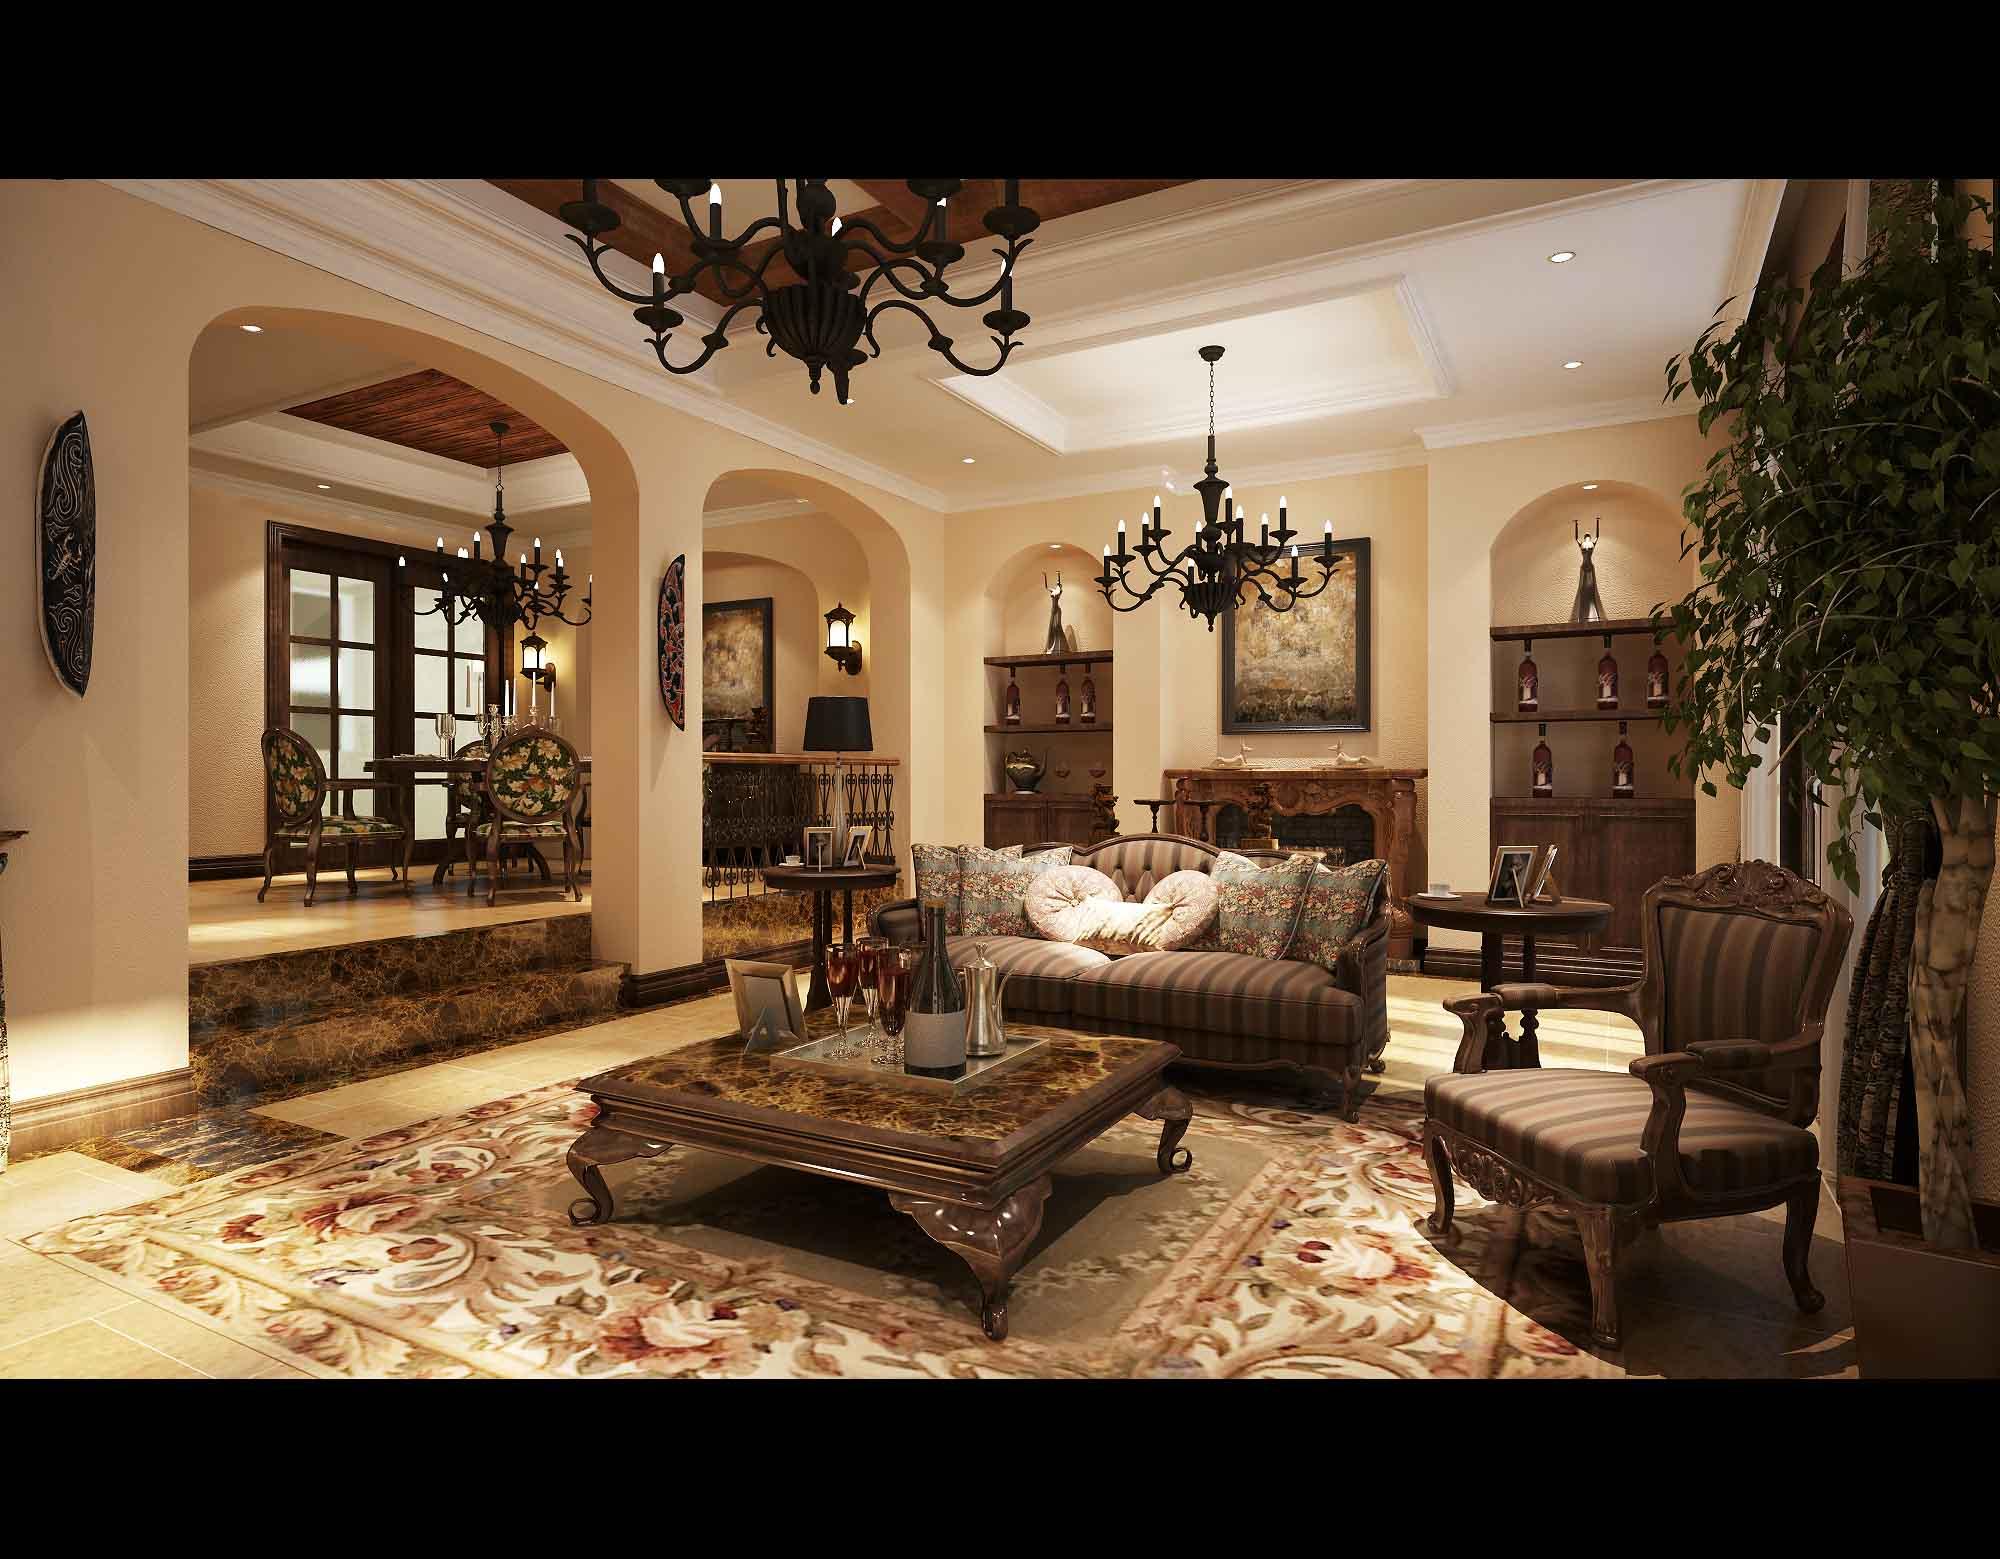 living room 3d model max